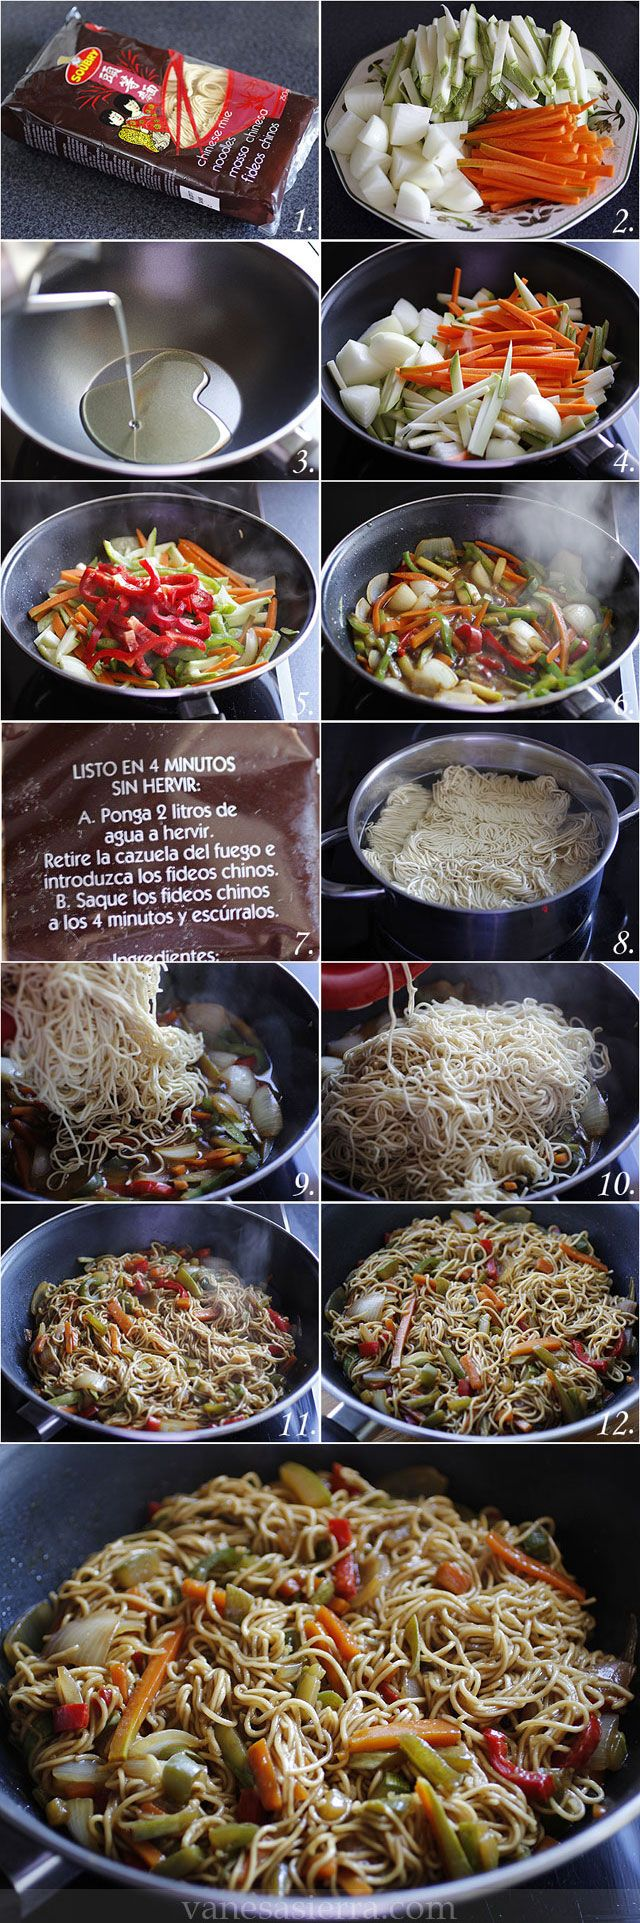 Fideos chinos (noodles) con verduras, paso a paso                                                                                                                                                     Má